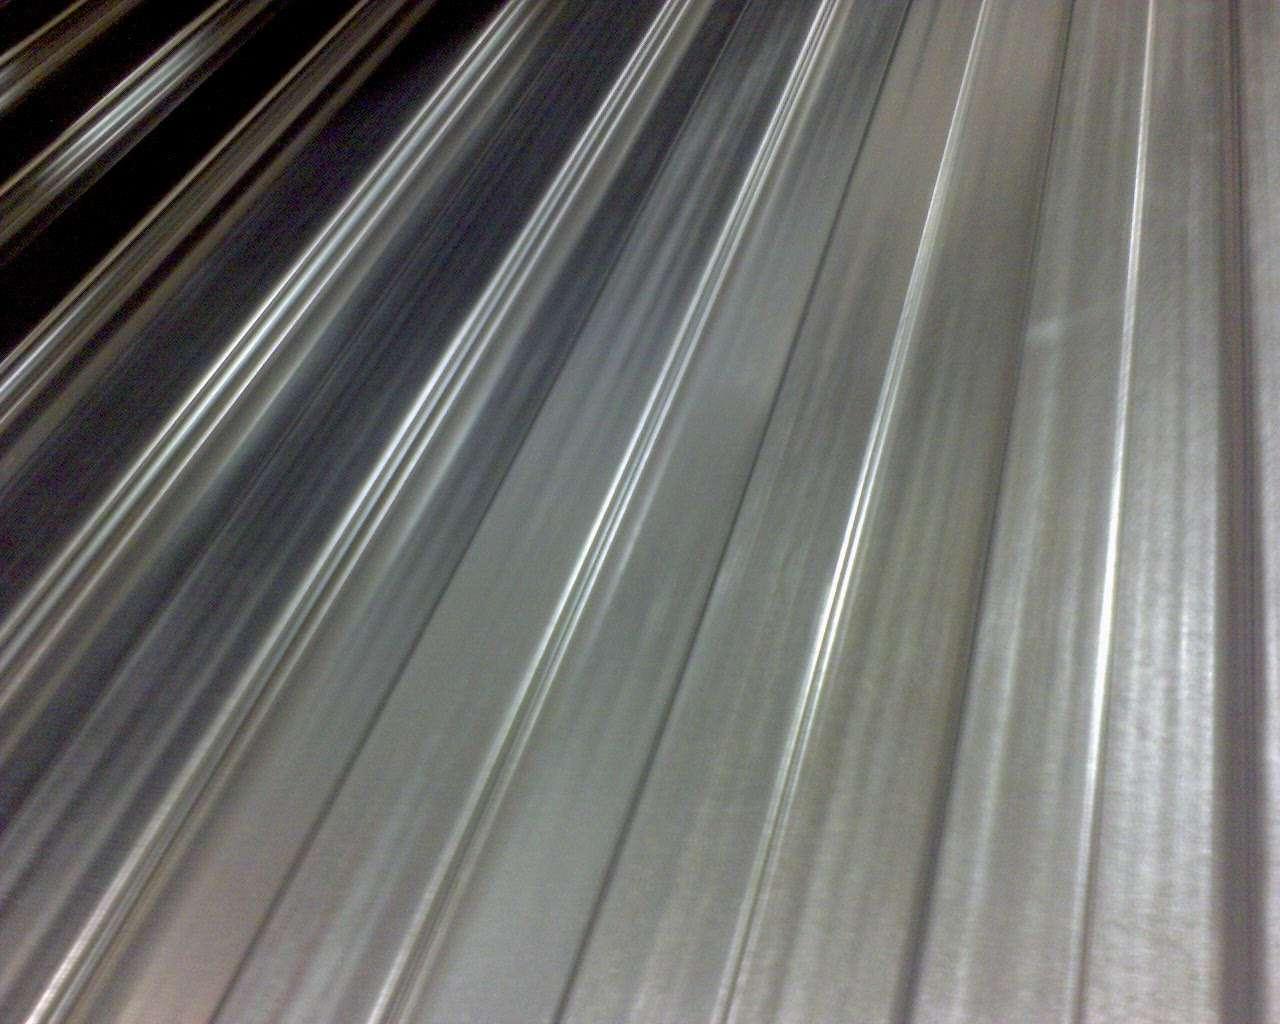 Ce profilé d'aluminium peut être utilisé pour la toiture, par exemple. La fine couche d'oxyde de l'aluminium le rend en effet résistant aux intempéries. © Rutger Middendorp, Flickr, CC by-nc-nd 2.0